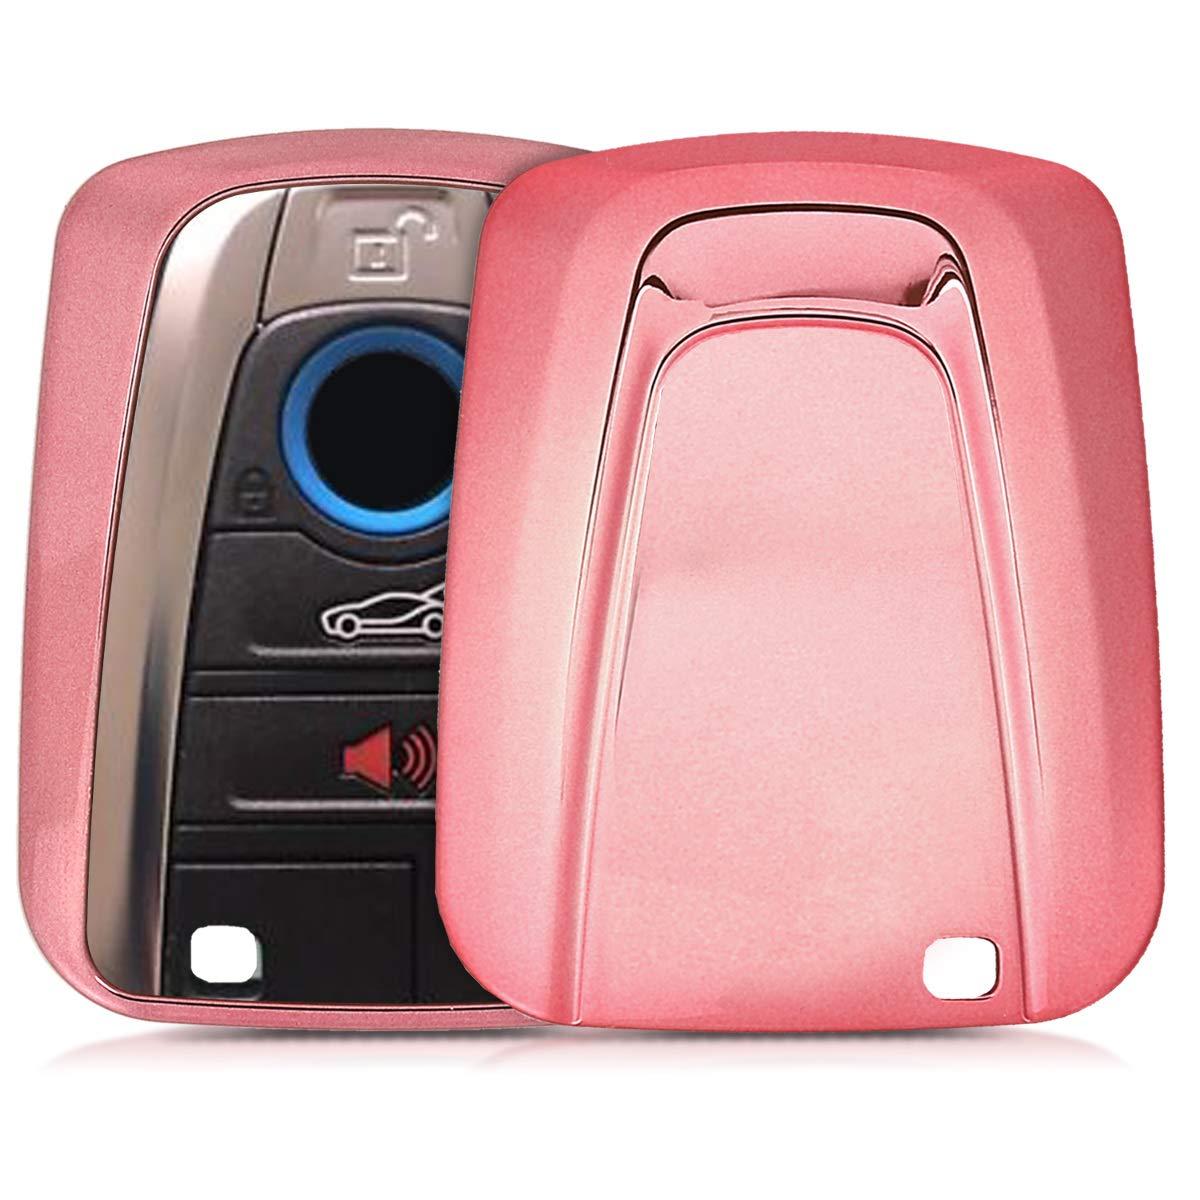 kwmobile Funda para Llave Smart Key de 4 Botones para Coche BMW - Carcasa Suave de TPU para Llaves - Cover de Mando y Control de Auto en Rosa Oro ...